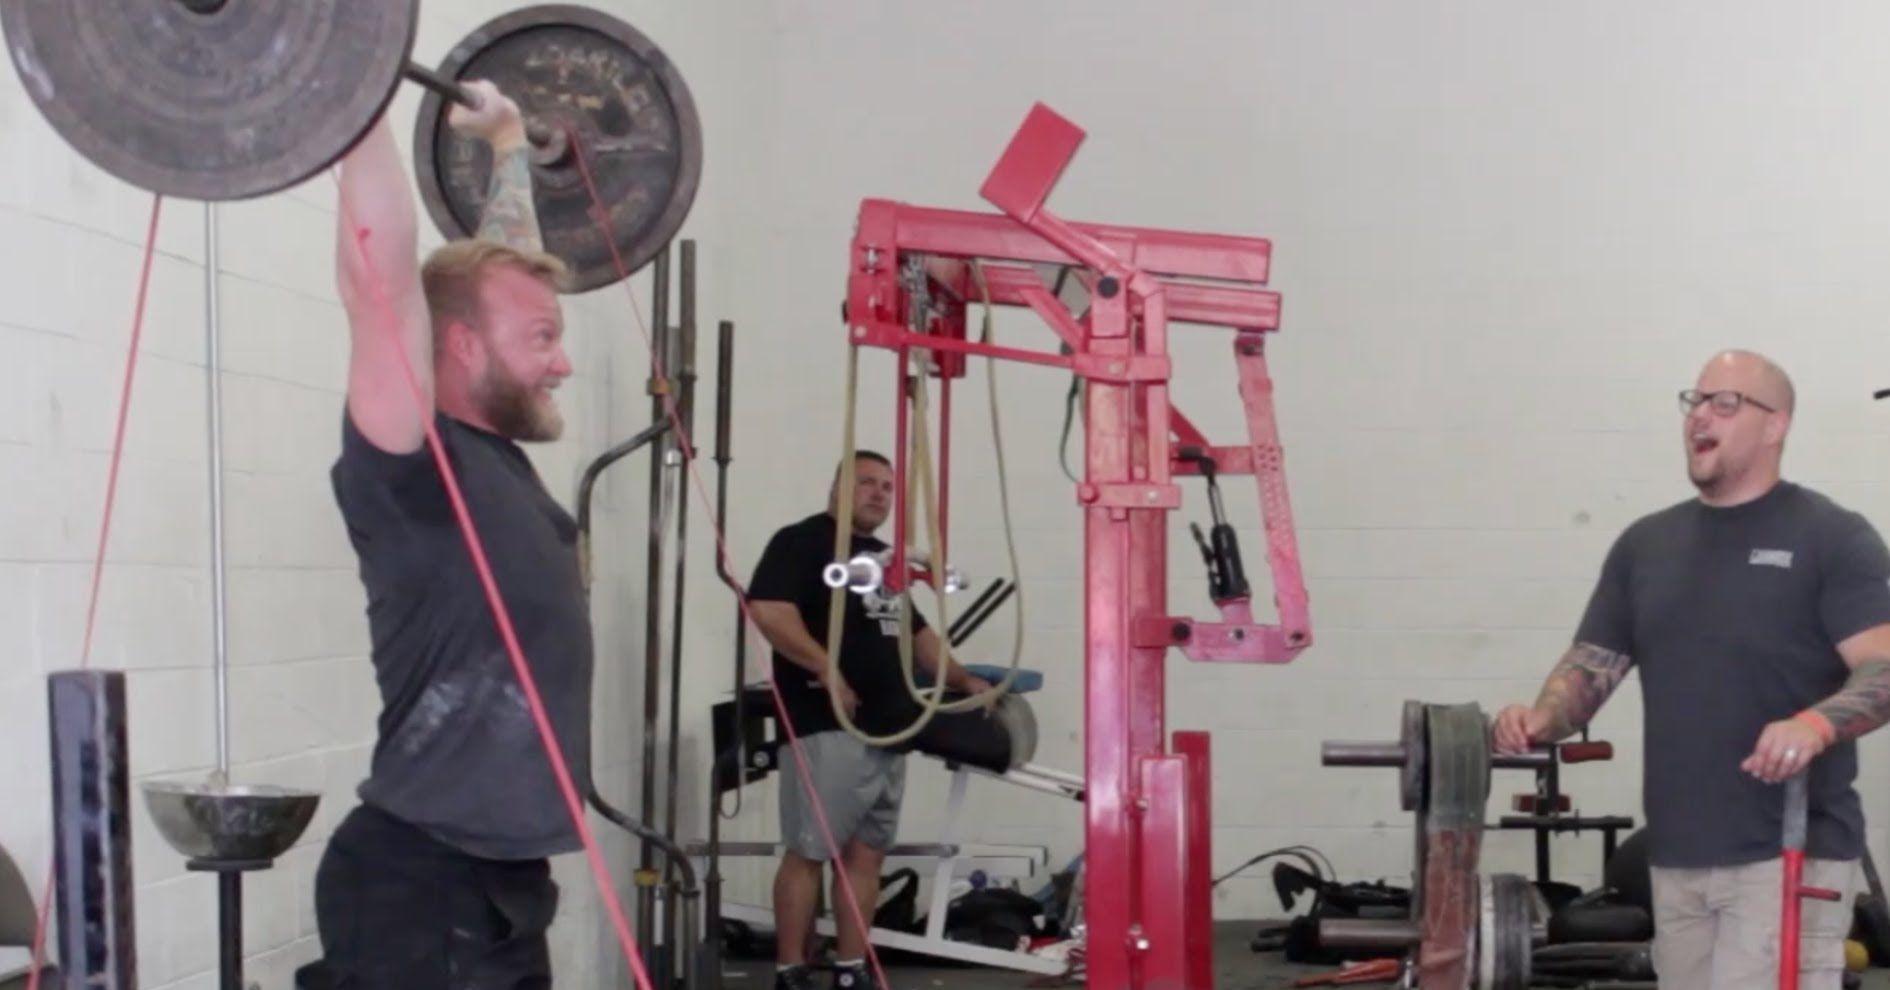 Garage gym gallery